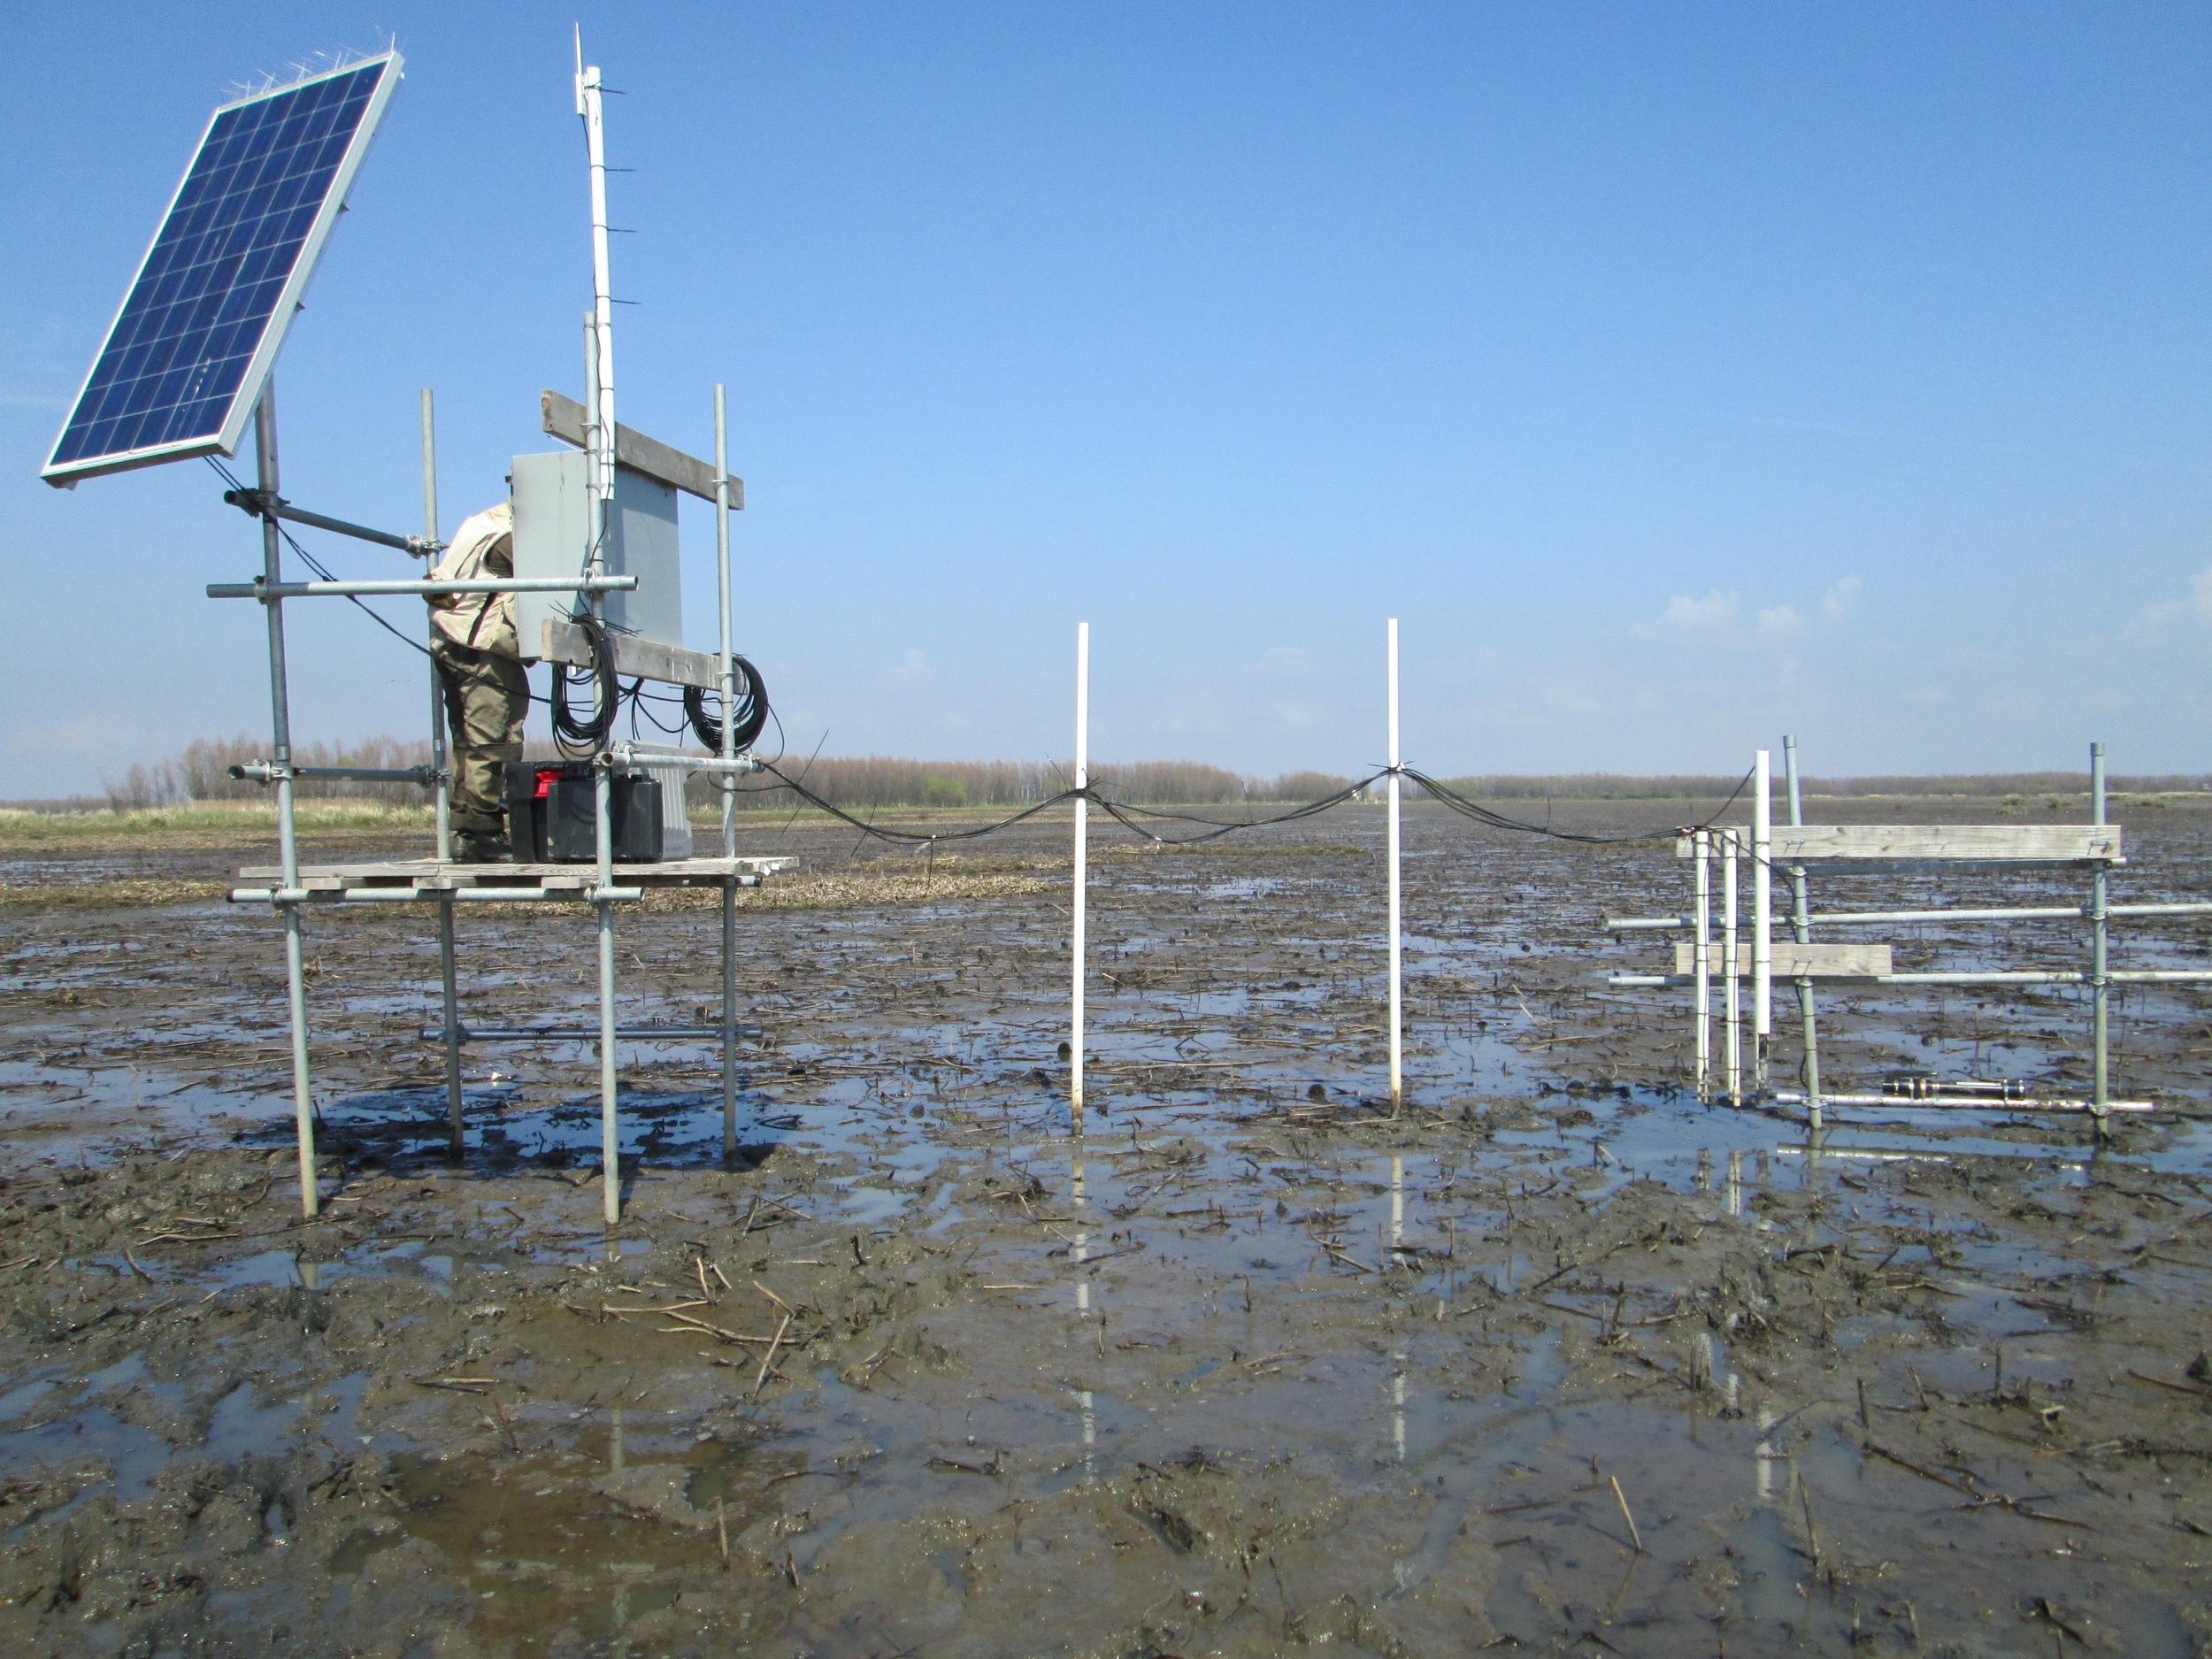 Observation platform with instruments